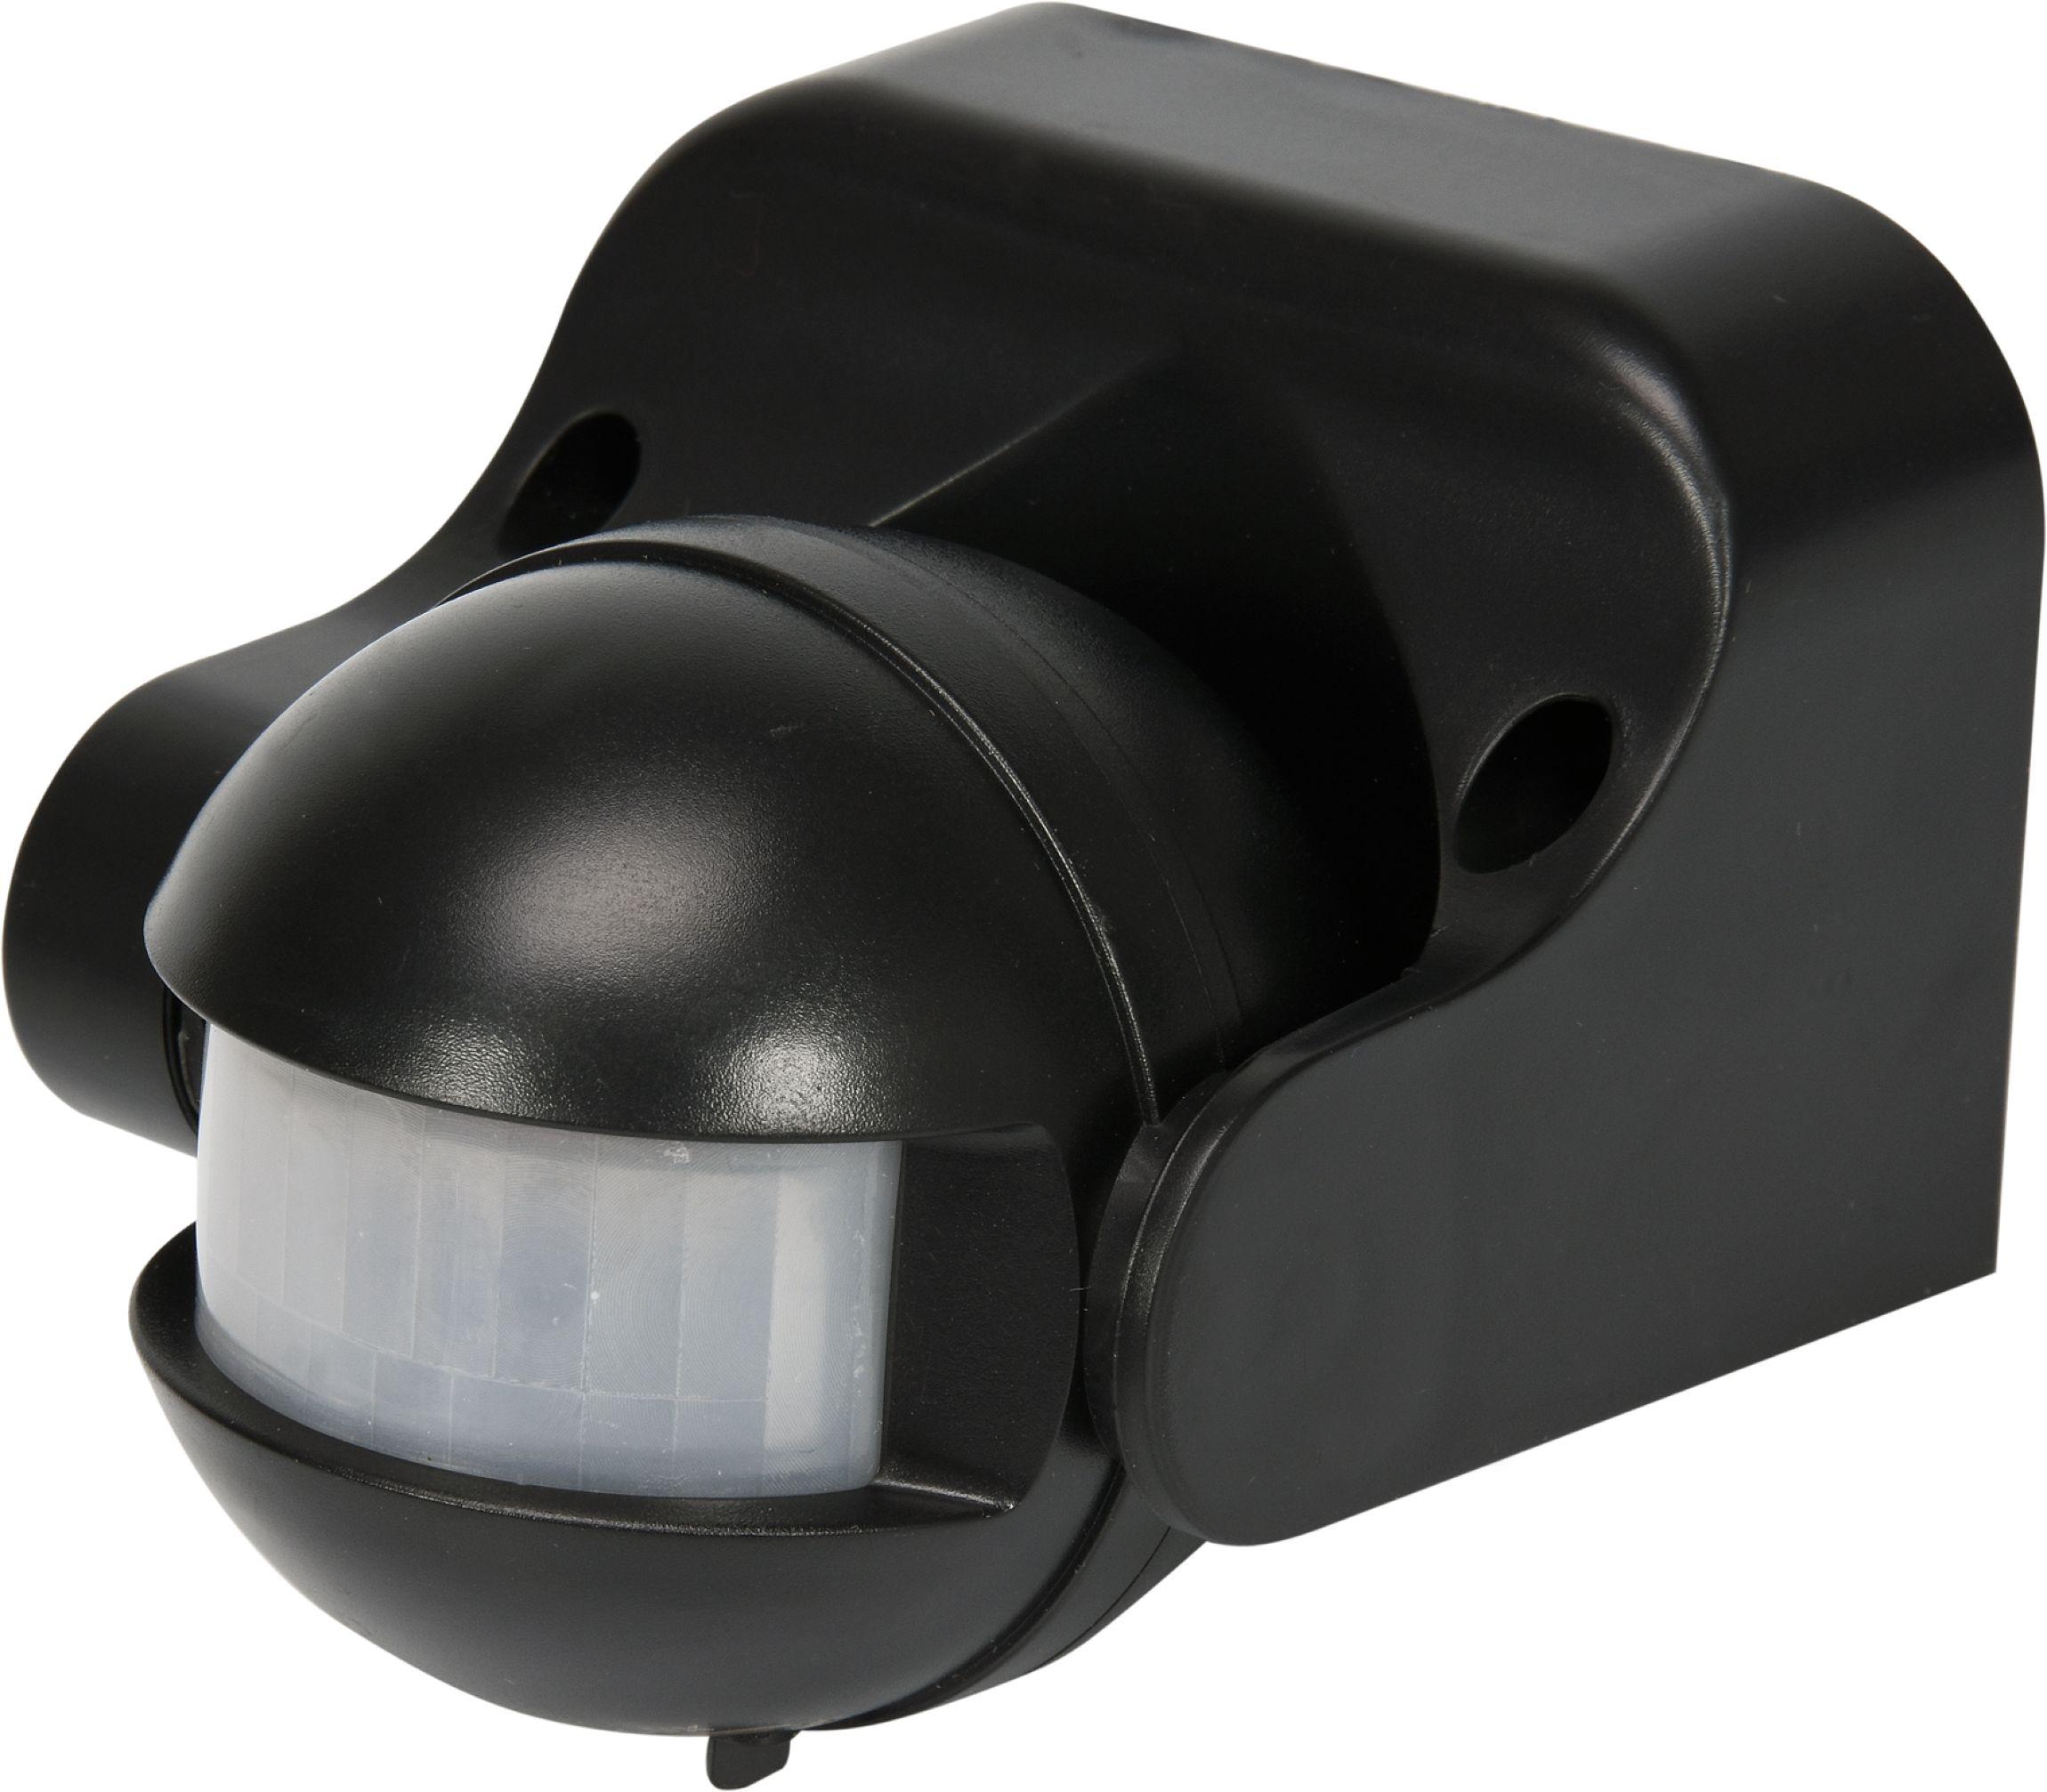 Čidlo pohybu venkovní černé IP44